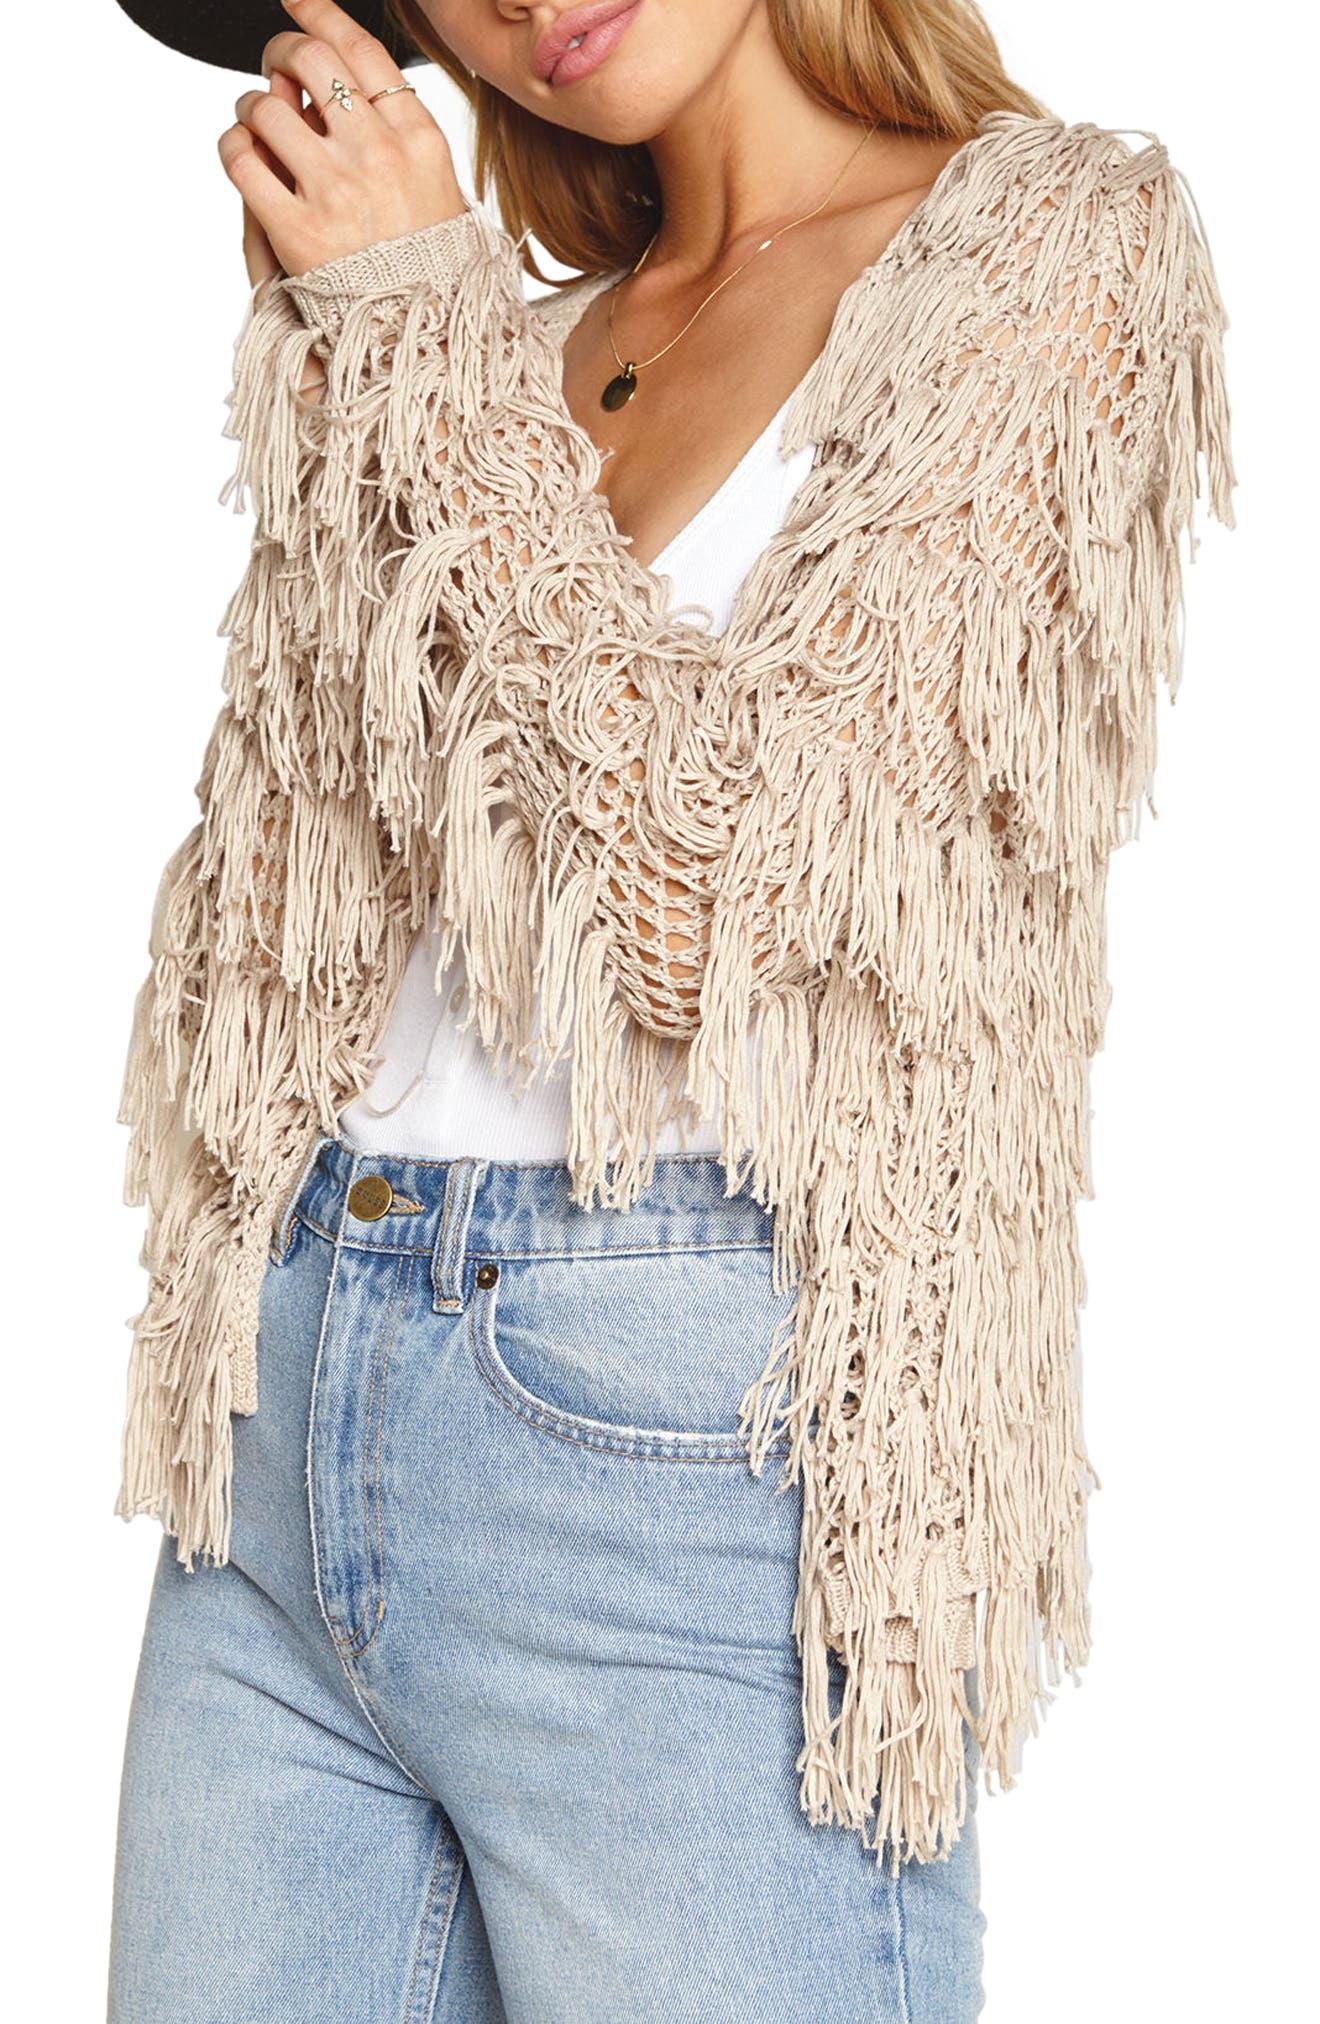 AMUSE SOCIETY Chelsea Fringe Sweater